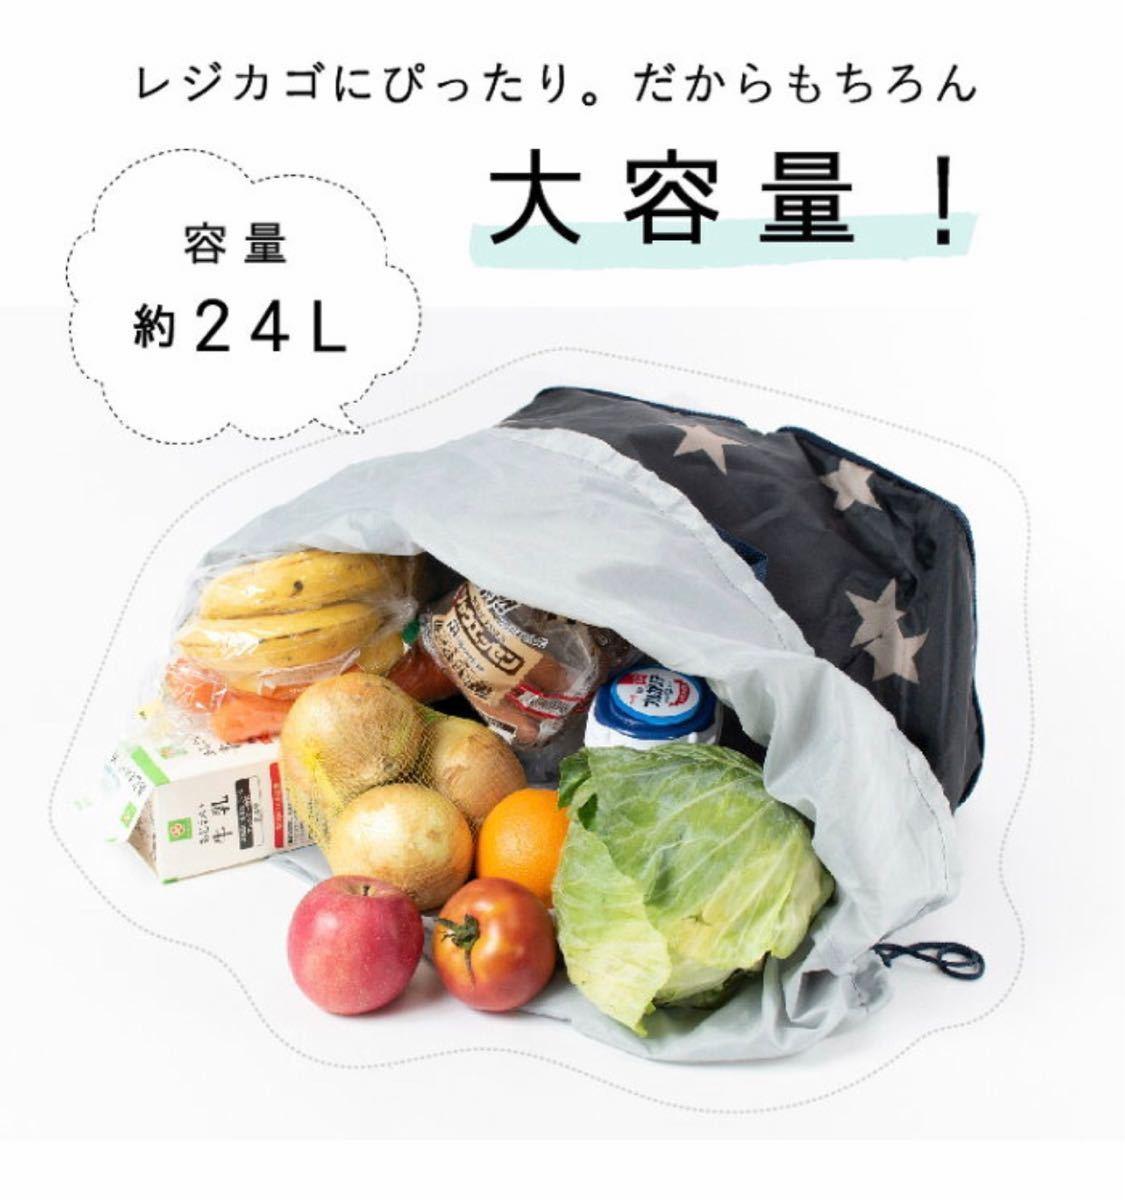 柄限定 大容量保冷 保温レジかごバッグ エコバッグ レジカゴバッグ 折り畳み